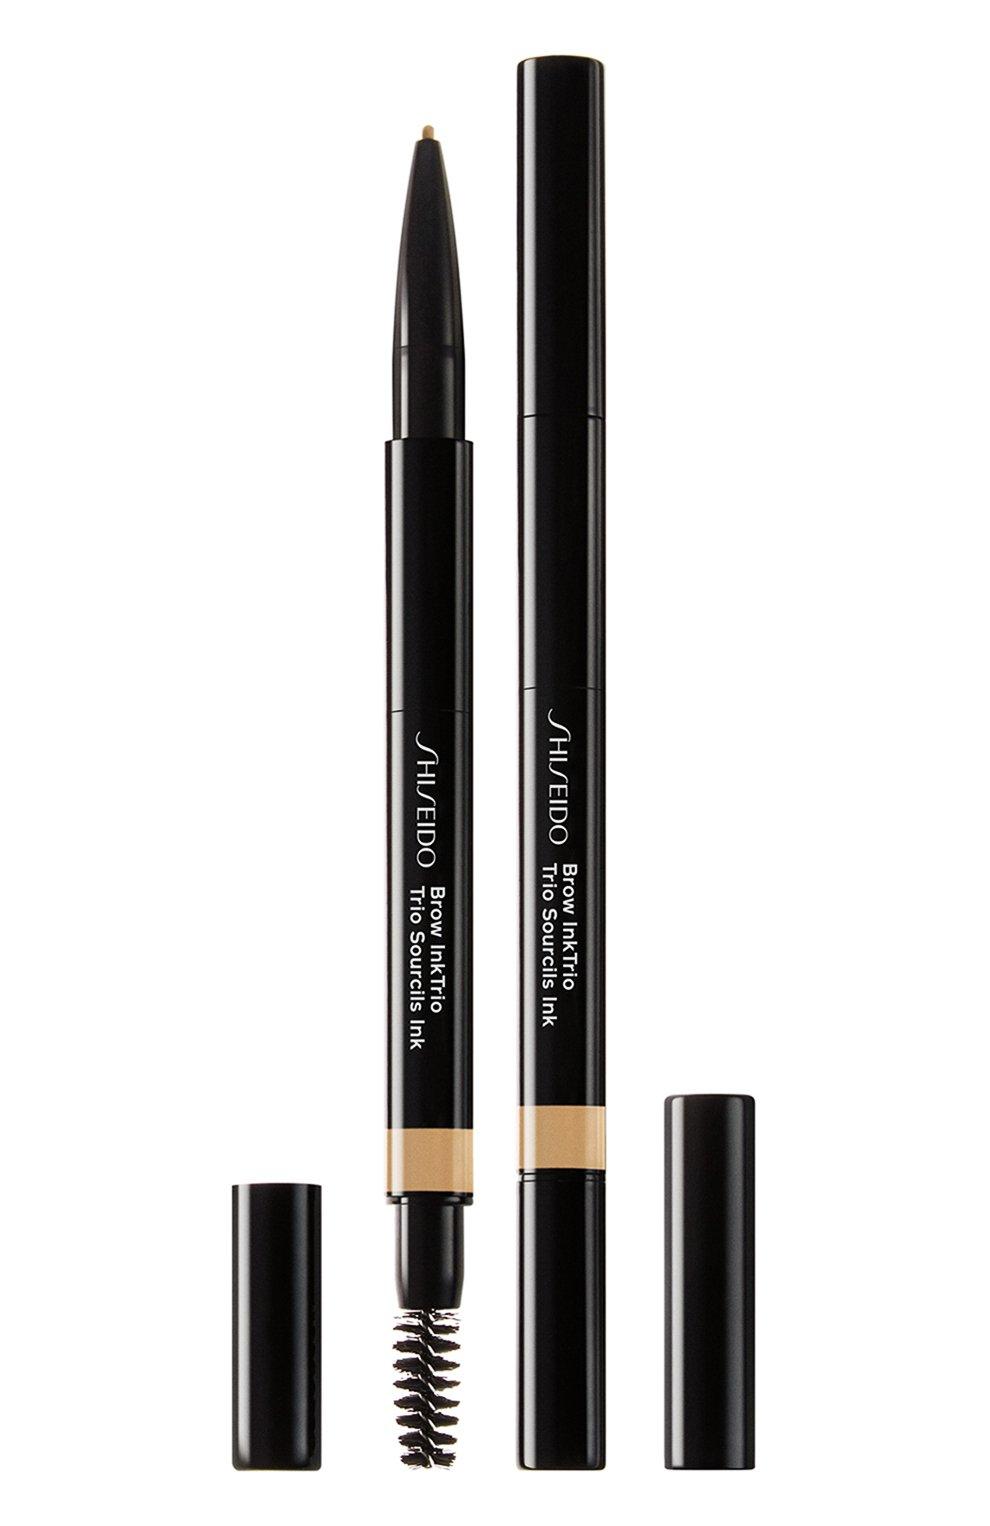 Женский моделирующий карандаш для бровей 3-в-1 inktrio, 01 blonde SHISEIDO бесцветного цвета, арт. 14773SH   Фото 1